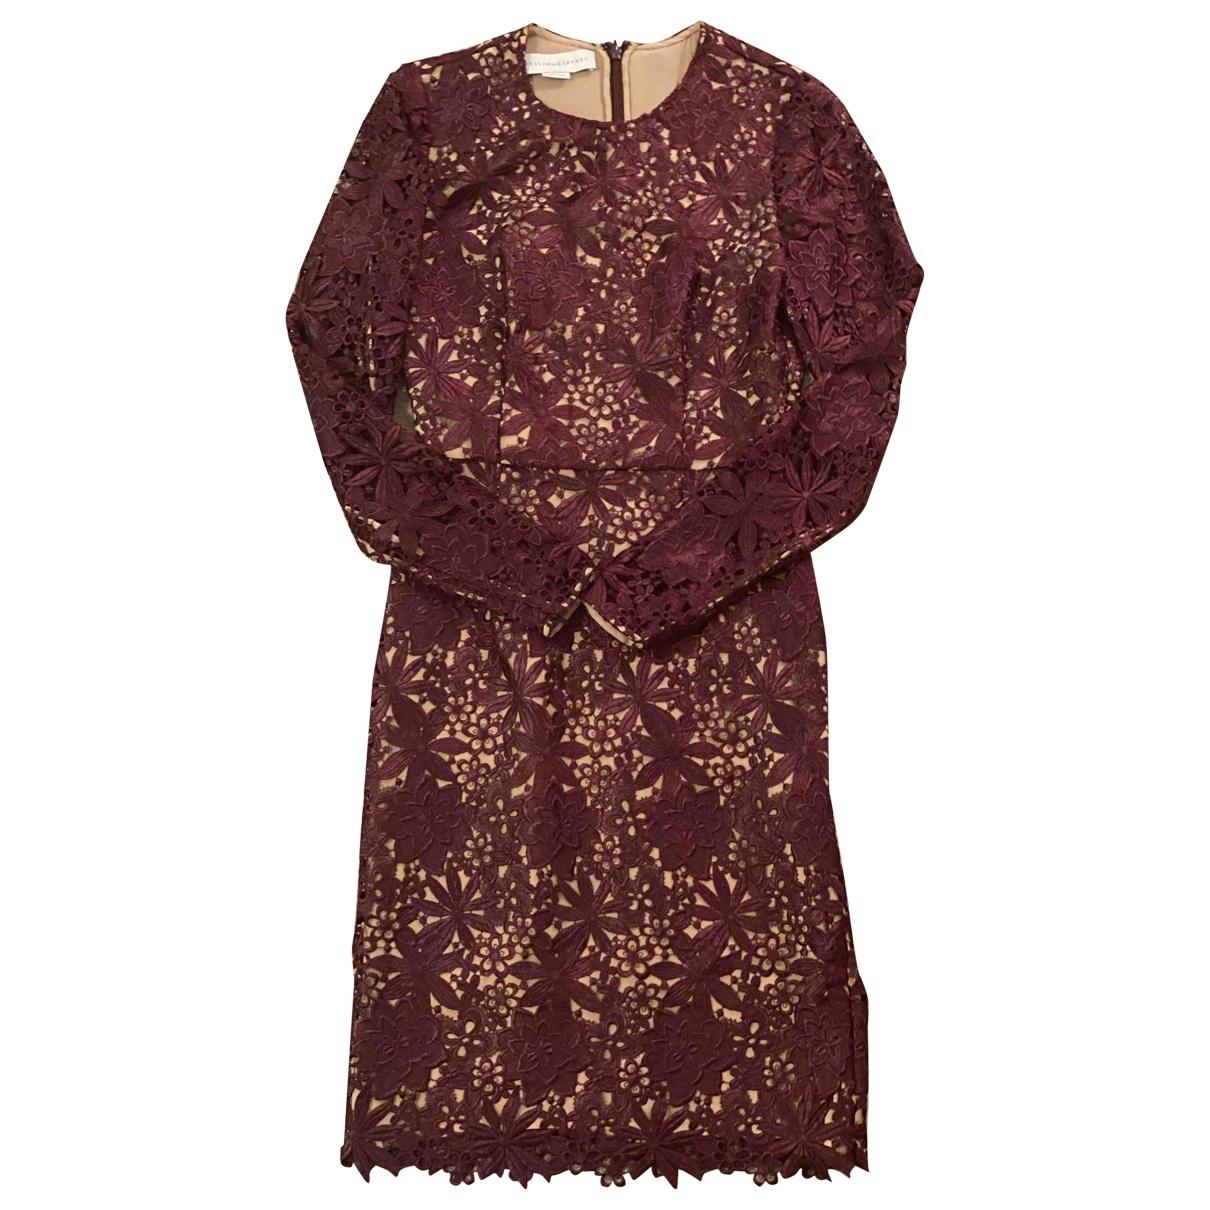 Stella Mccartney \N Kleid in  Bordeauxrot Spitze